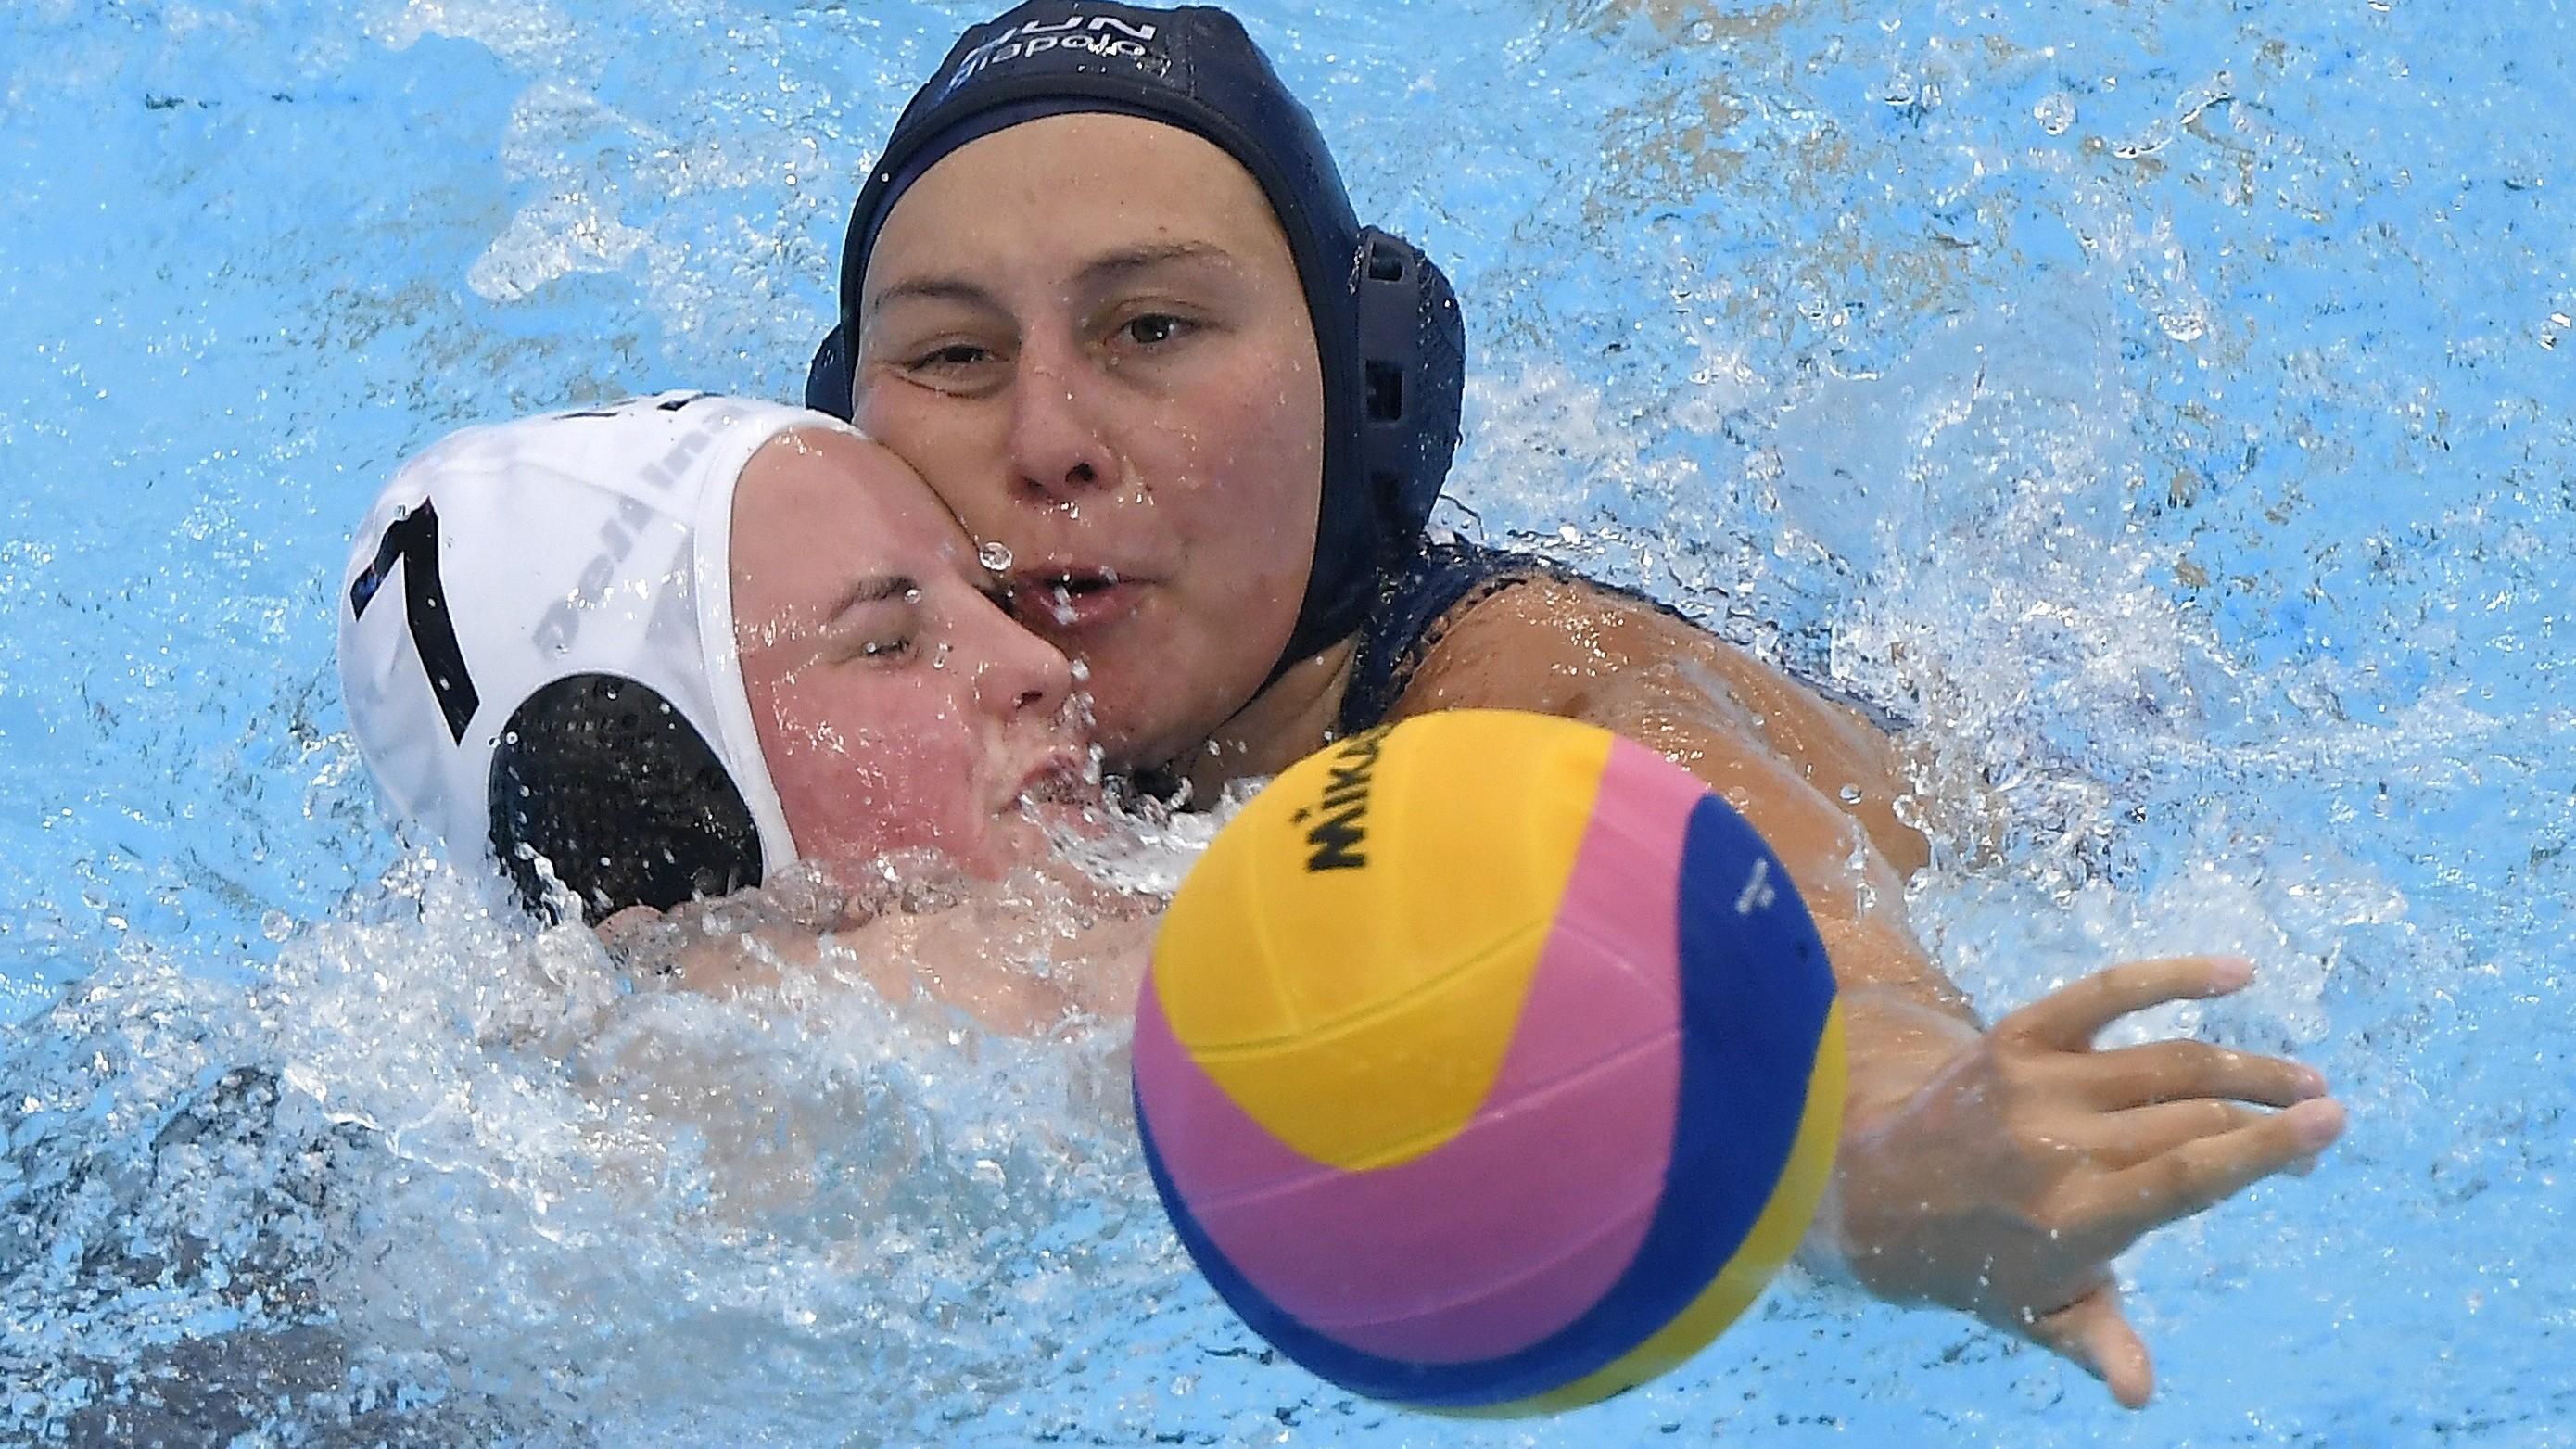 Vizes vb - Negyeddöntős a női vízilabda-válogatott